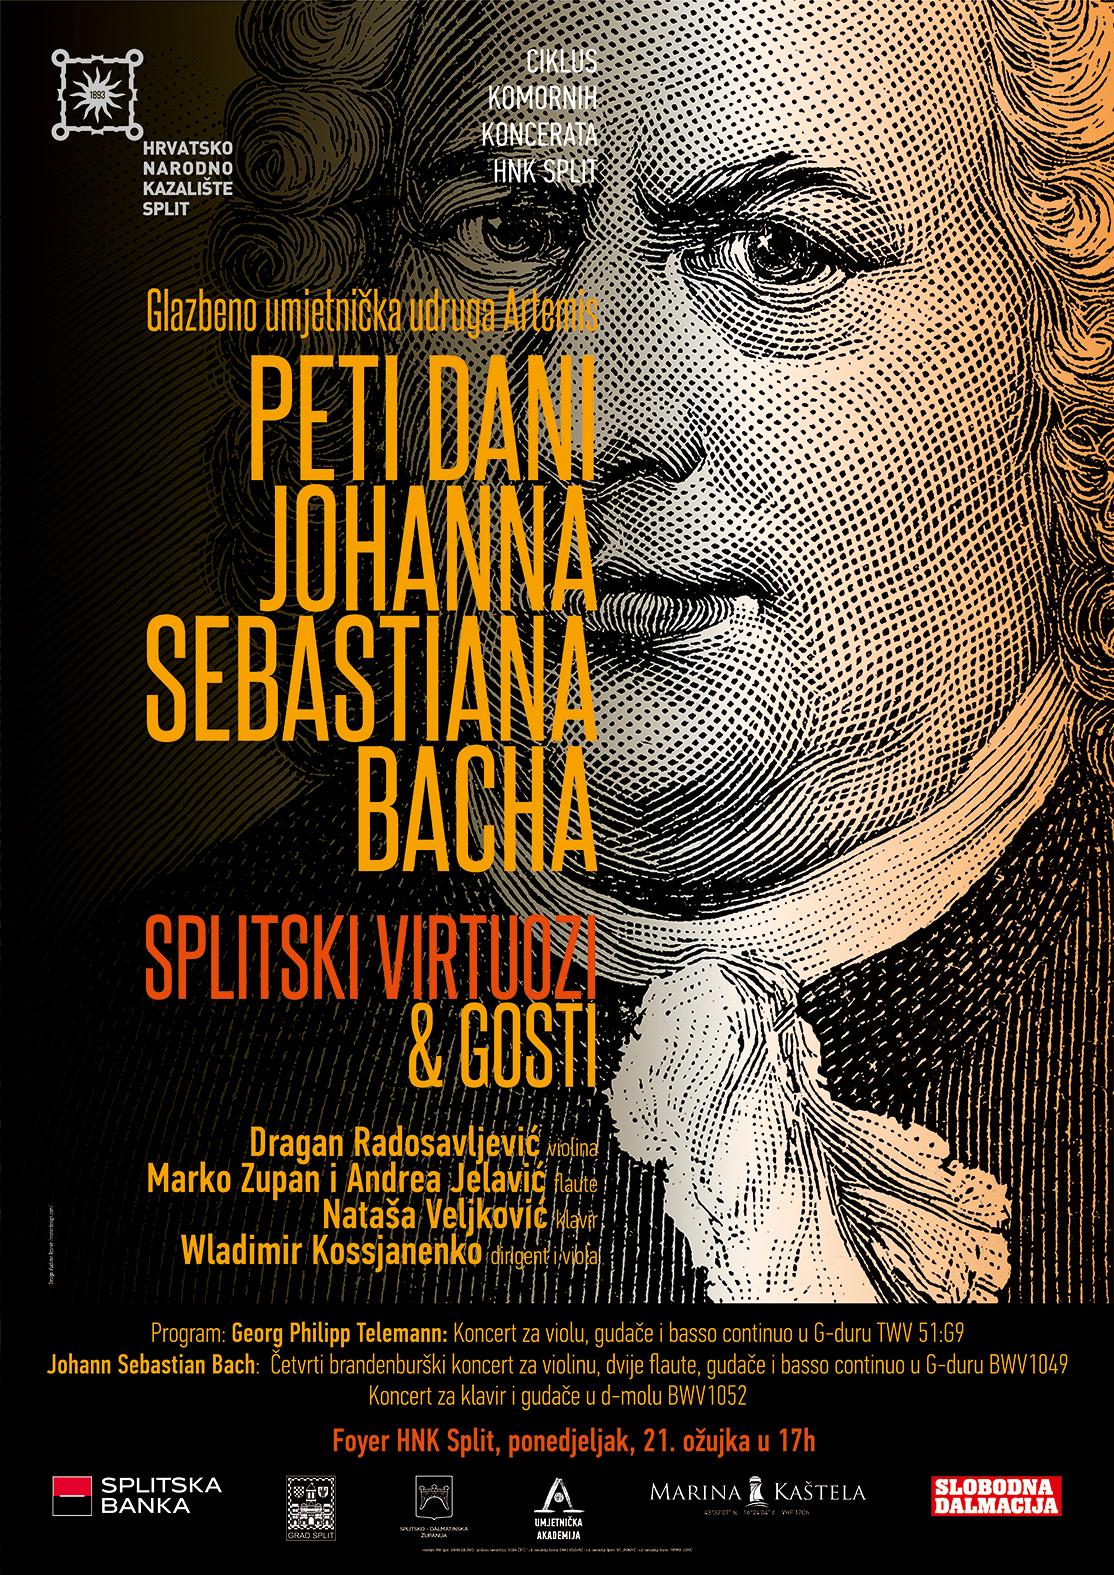 Koncert Splitskih virtuoza i solista 21.03.2016. u HNK-u Split